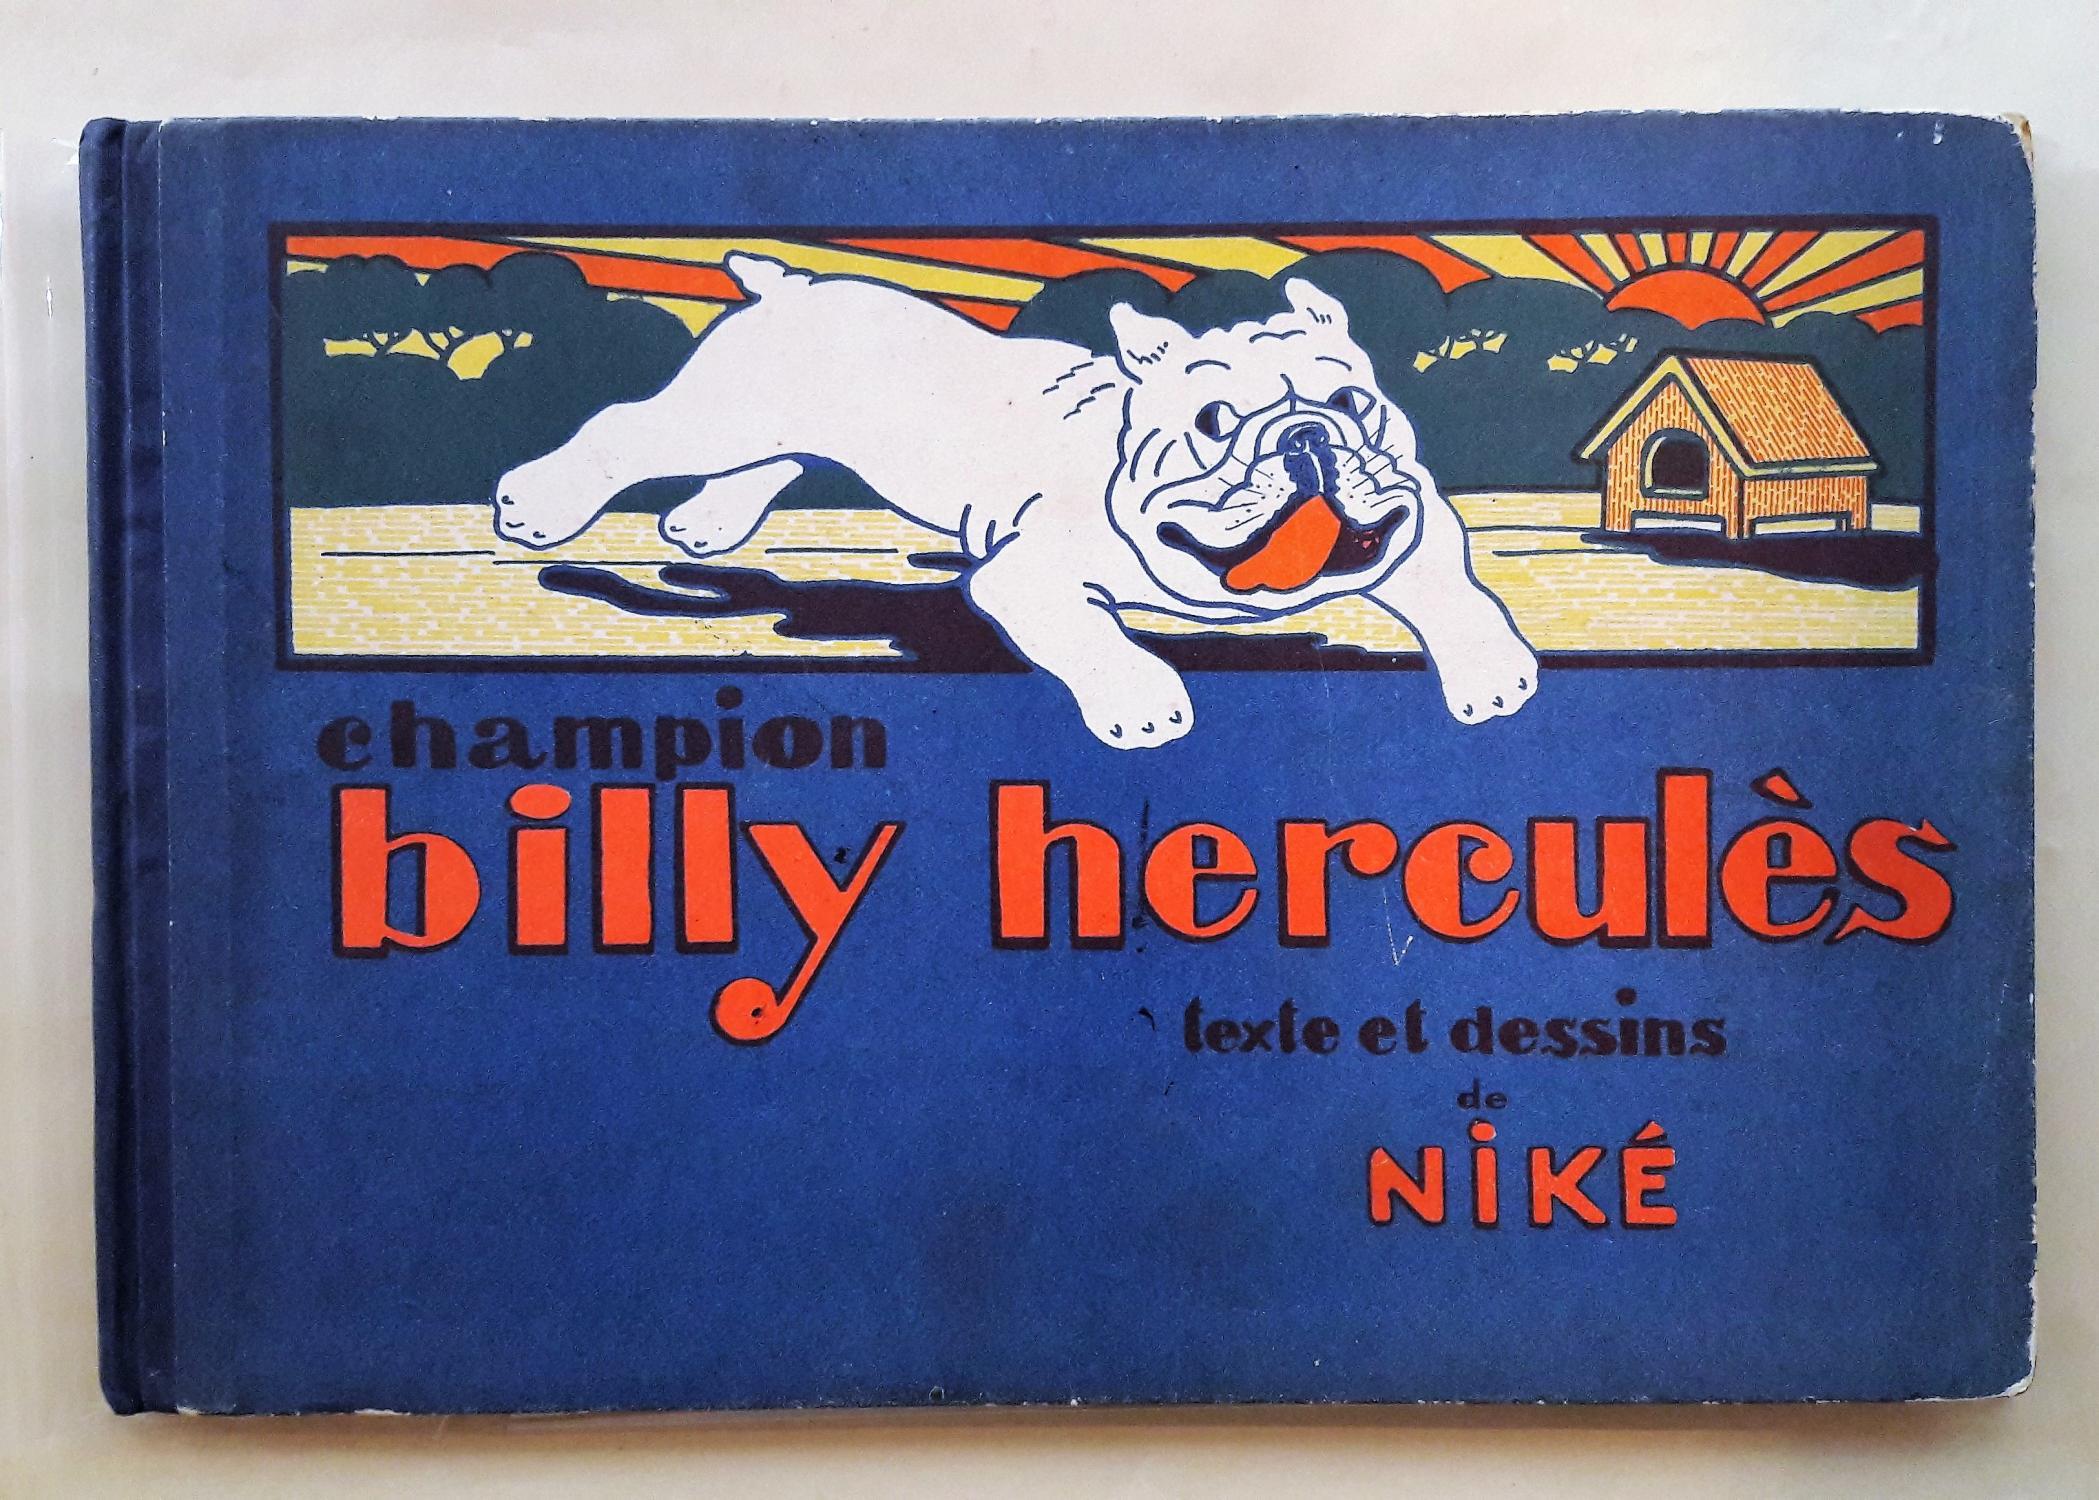 Champion Billy Herculès. NIKE. P., Editions Niké, 1928, In-4 oblong, dos toilé, album cartonné éditeur, 39 pp. Edition originale et premier tirage des 38 illustrations à pleine page